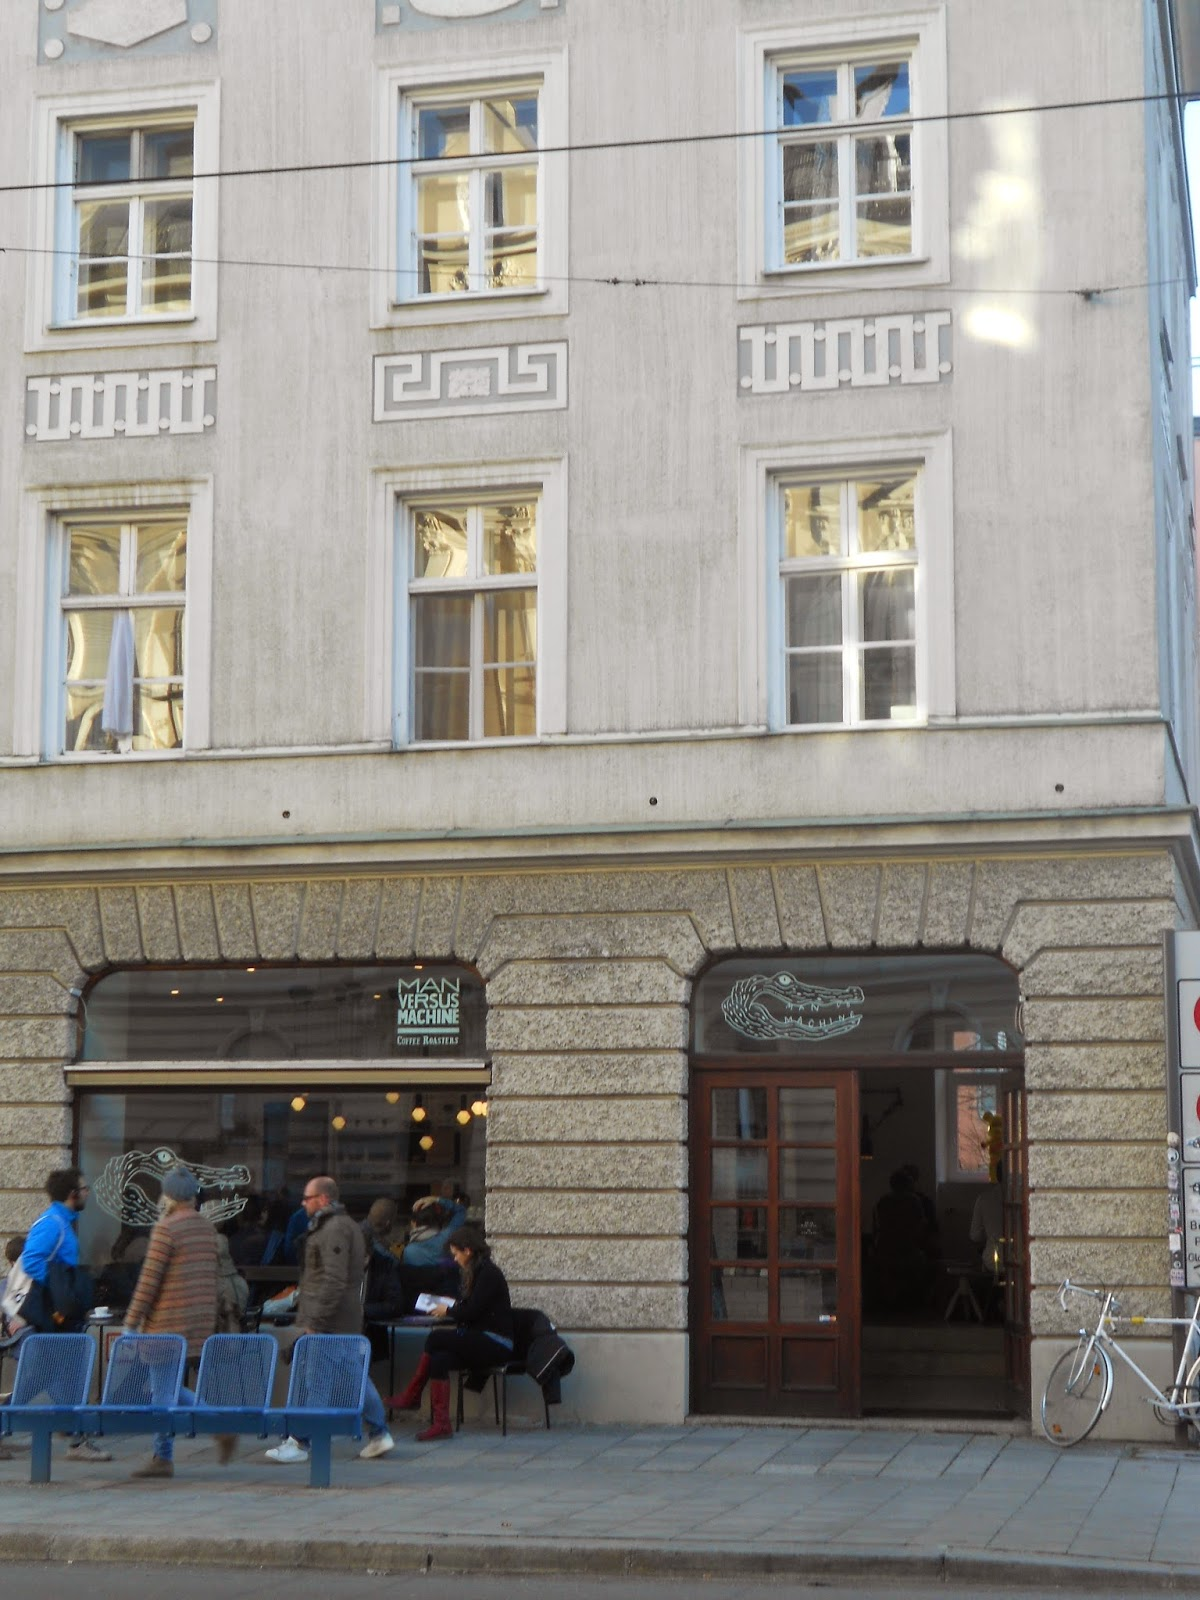 MAN VERSUS MACHINE im Münchener Glockenbachviertel